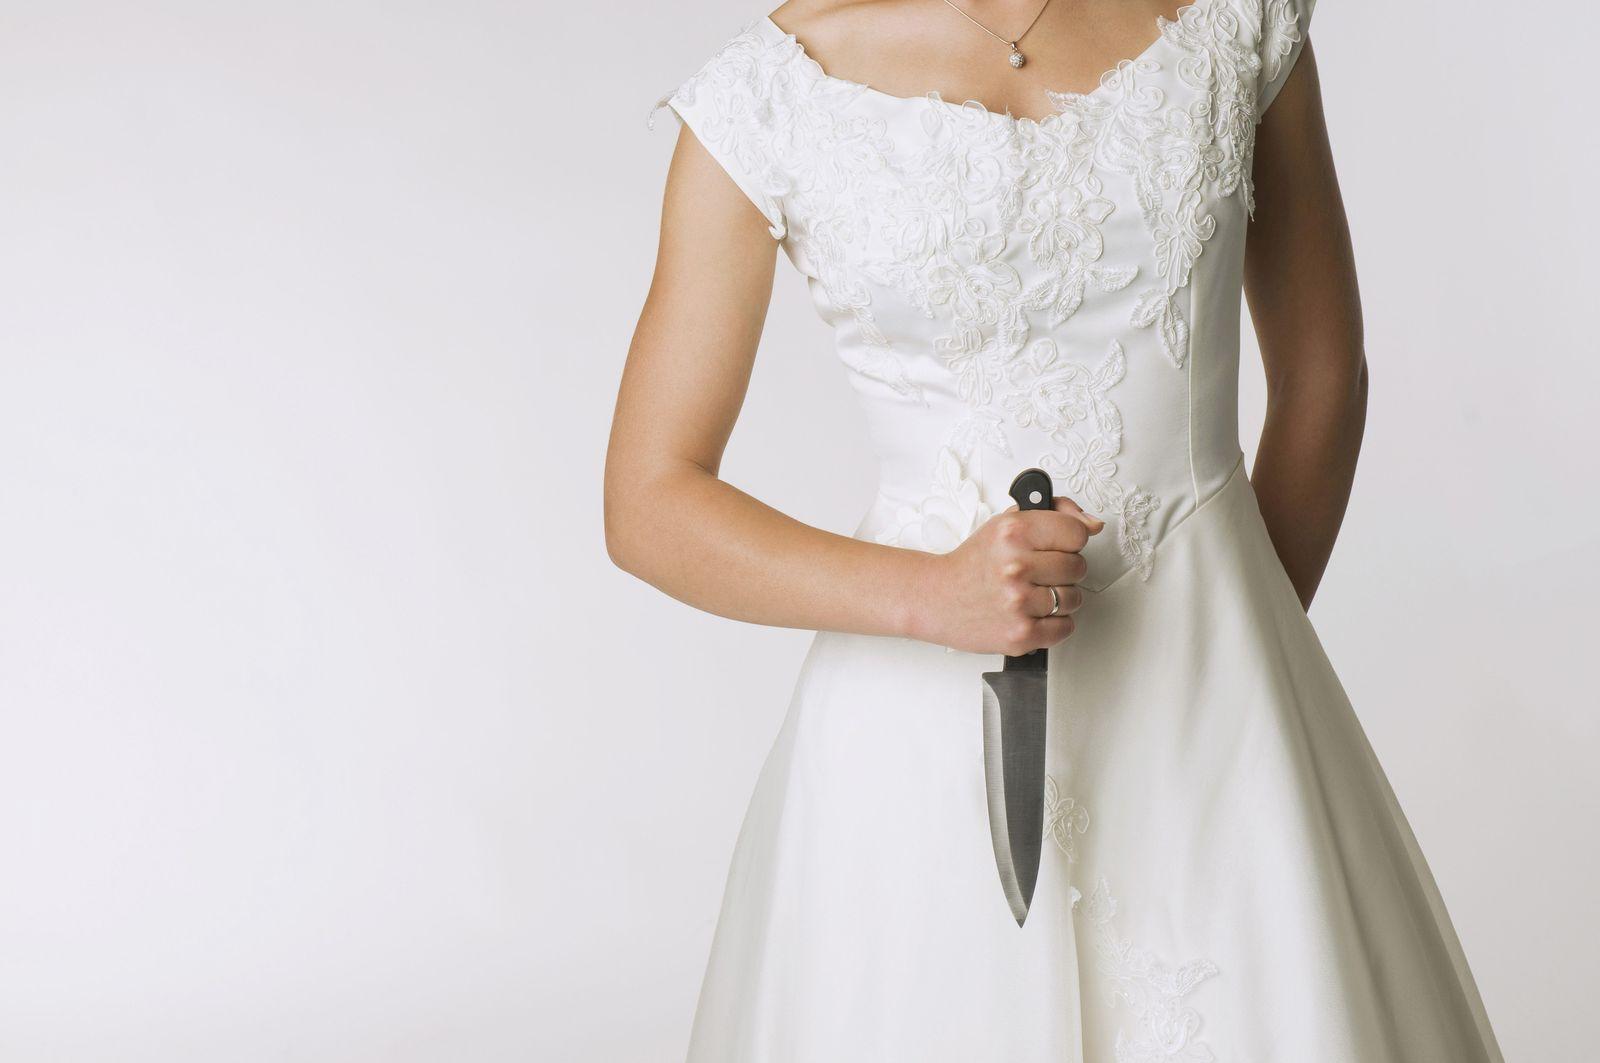 NICHT MEHR VERWENDEN! - Frau mit Messer